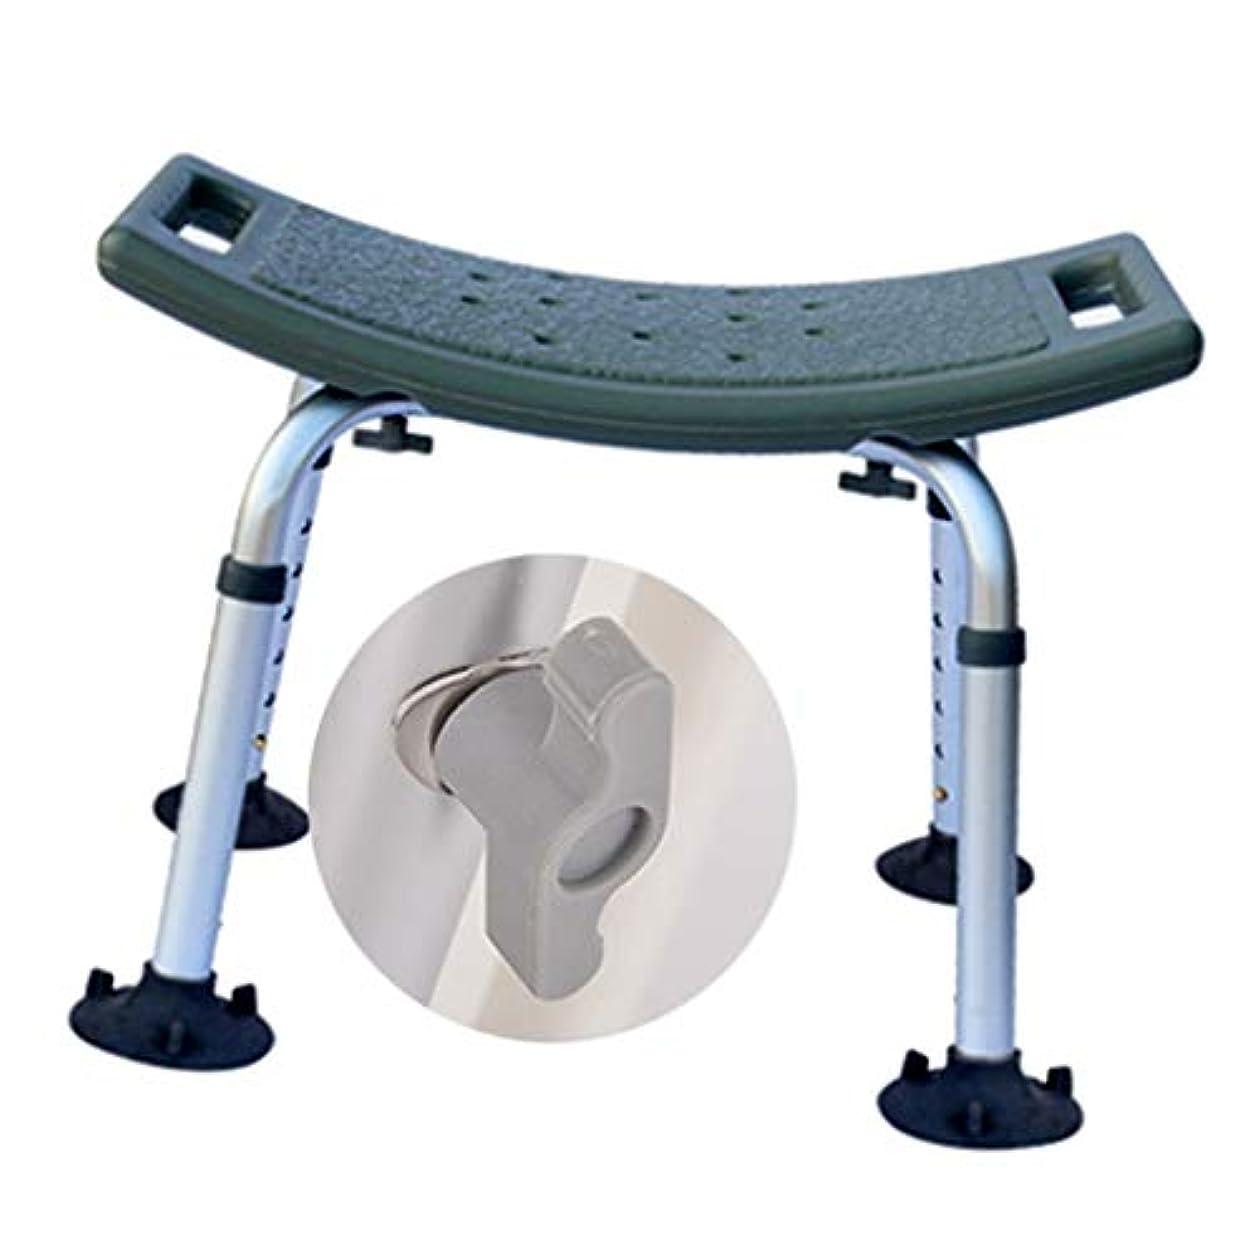 記念湿地レザー多機能アルミ製シャワースツール/高齢者/妊娠/身体障害者用/家庭/グレー/滑り止めスツール/カーブ